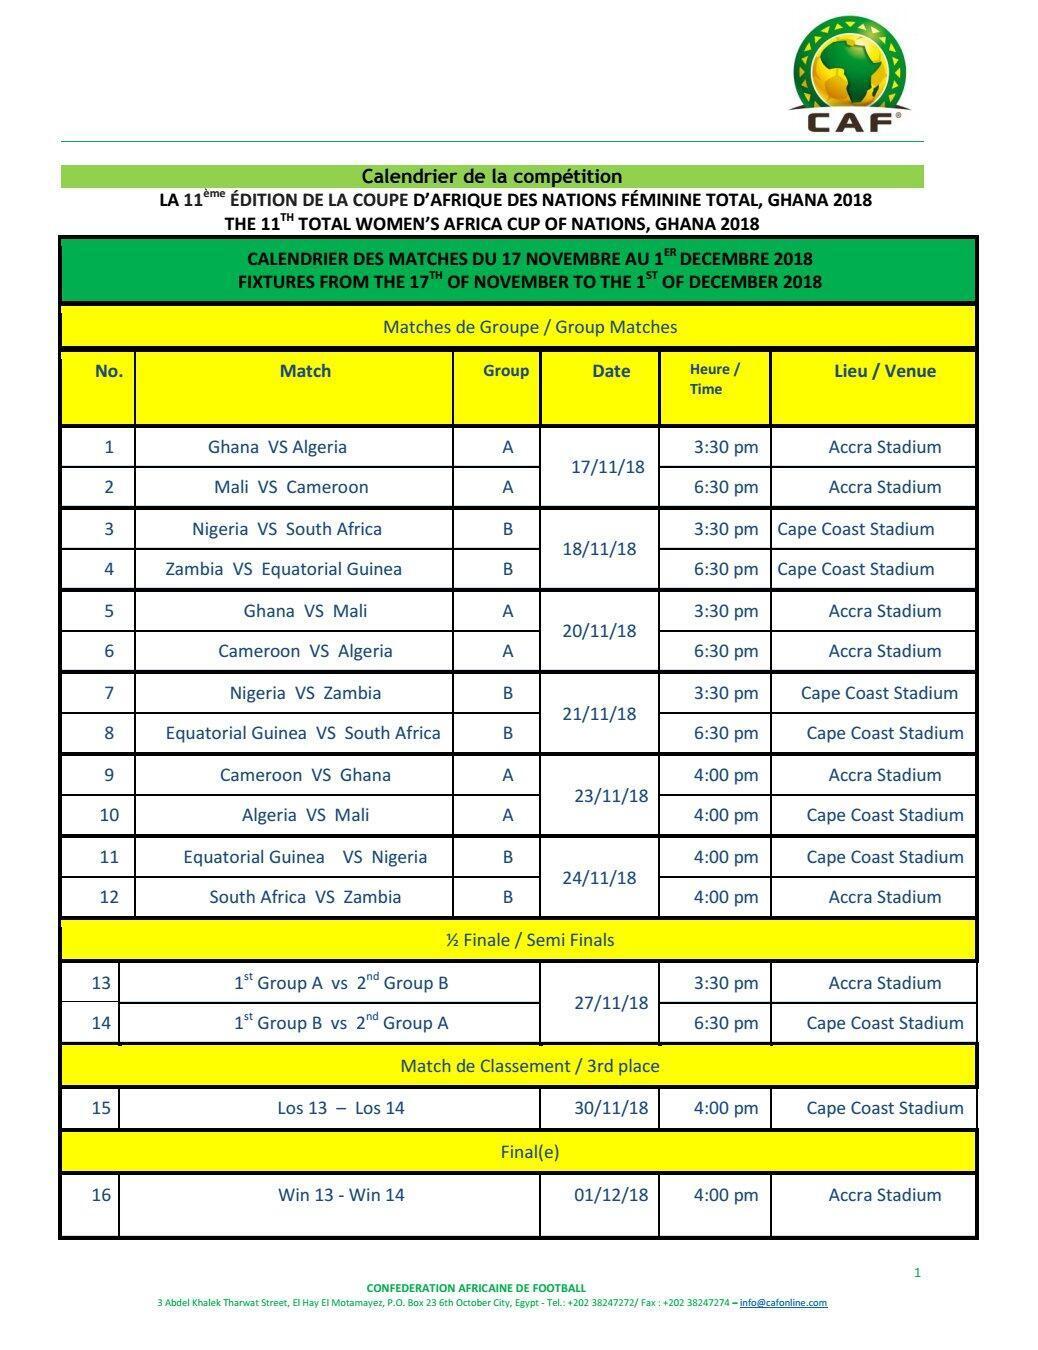 Le calendrier de la CAN féminine 2018.